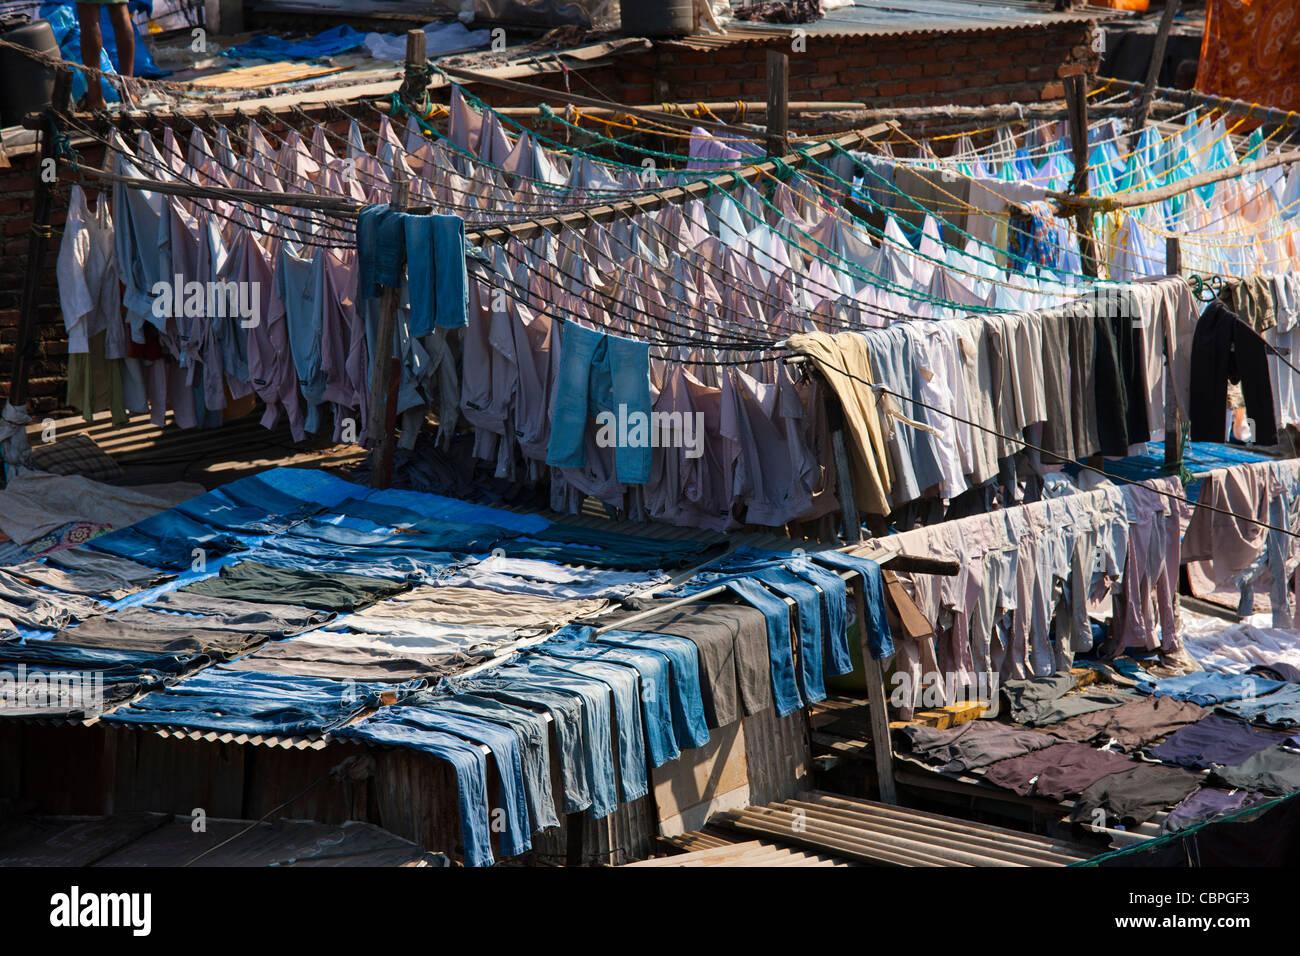 Tradizionale Indiano mano professionale servizio lavanderia, Dhobi Ghat, in Mahalaxmi area di Mumbai, India Immagini Stock